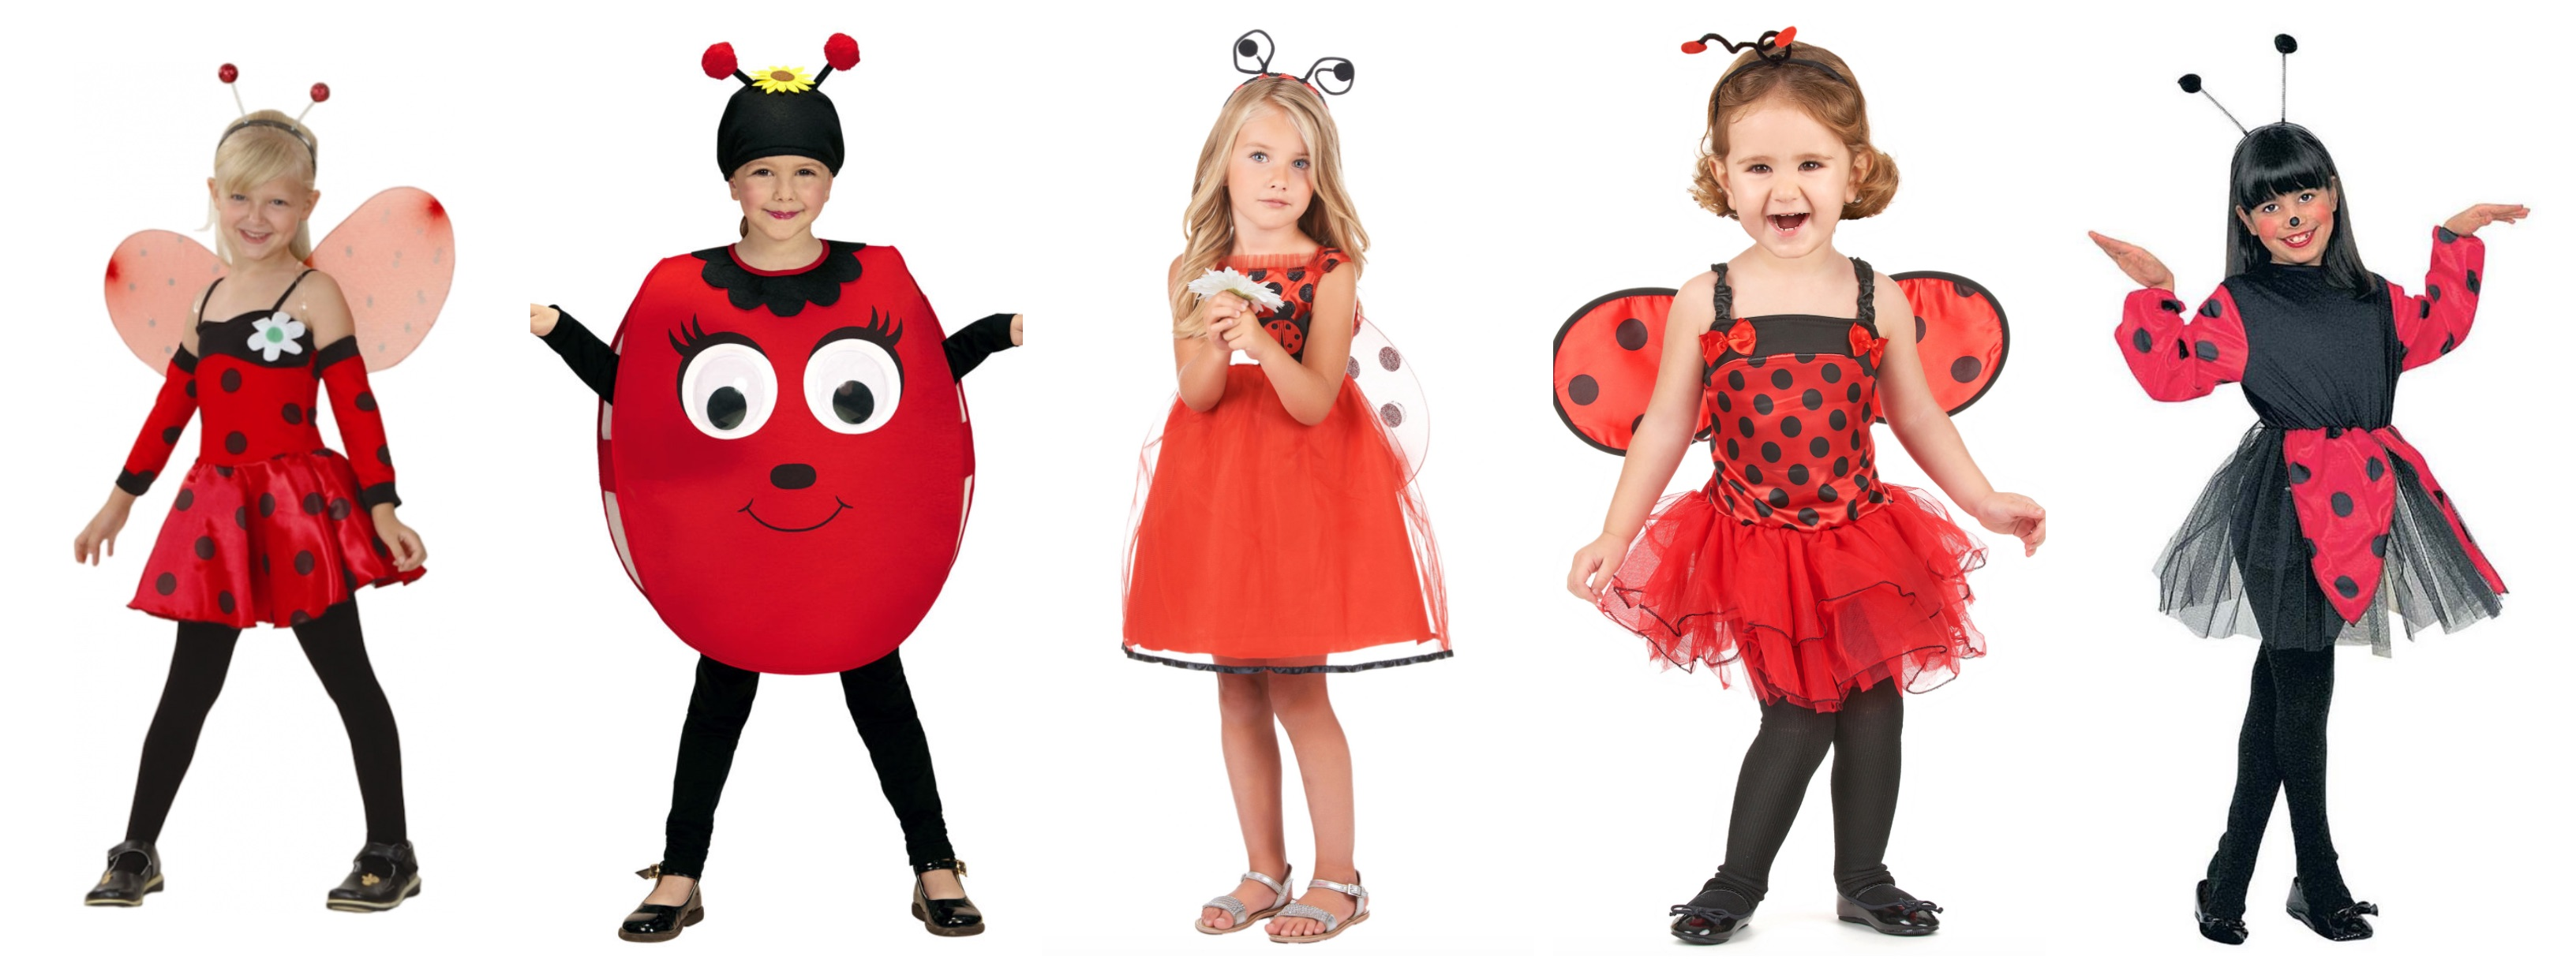 mariehøne kostume til børn - Mariehøne kostume til børn